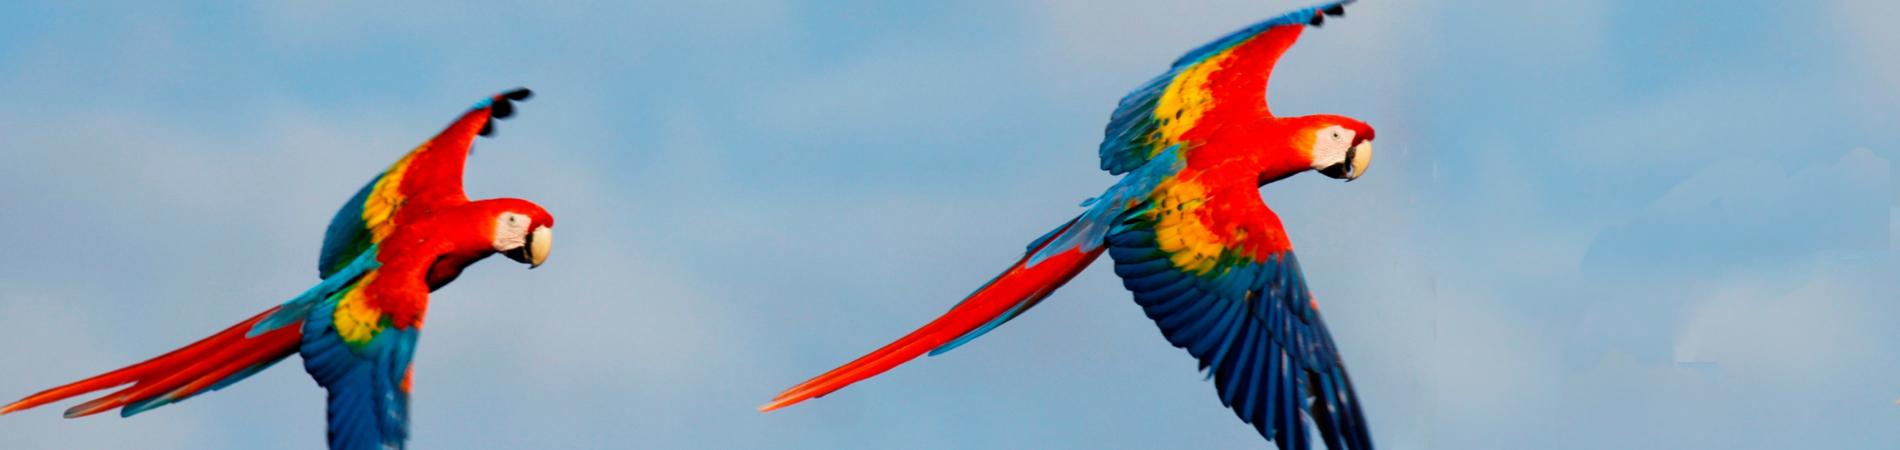 El silencio COS parrots